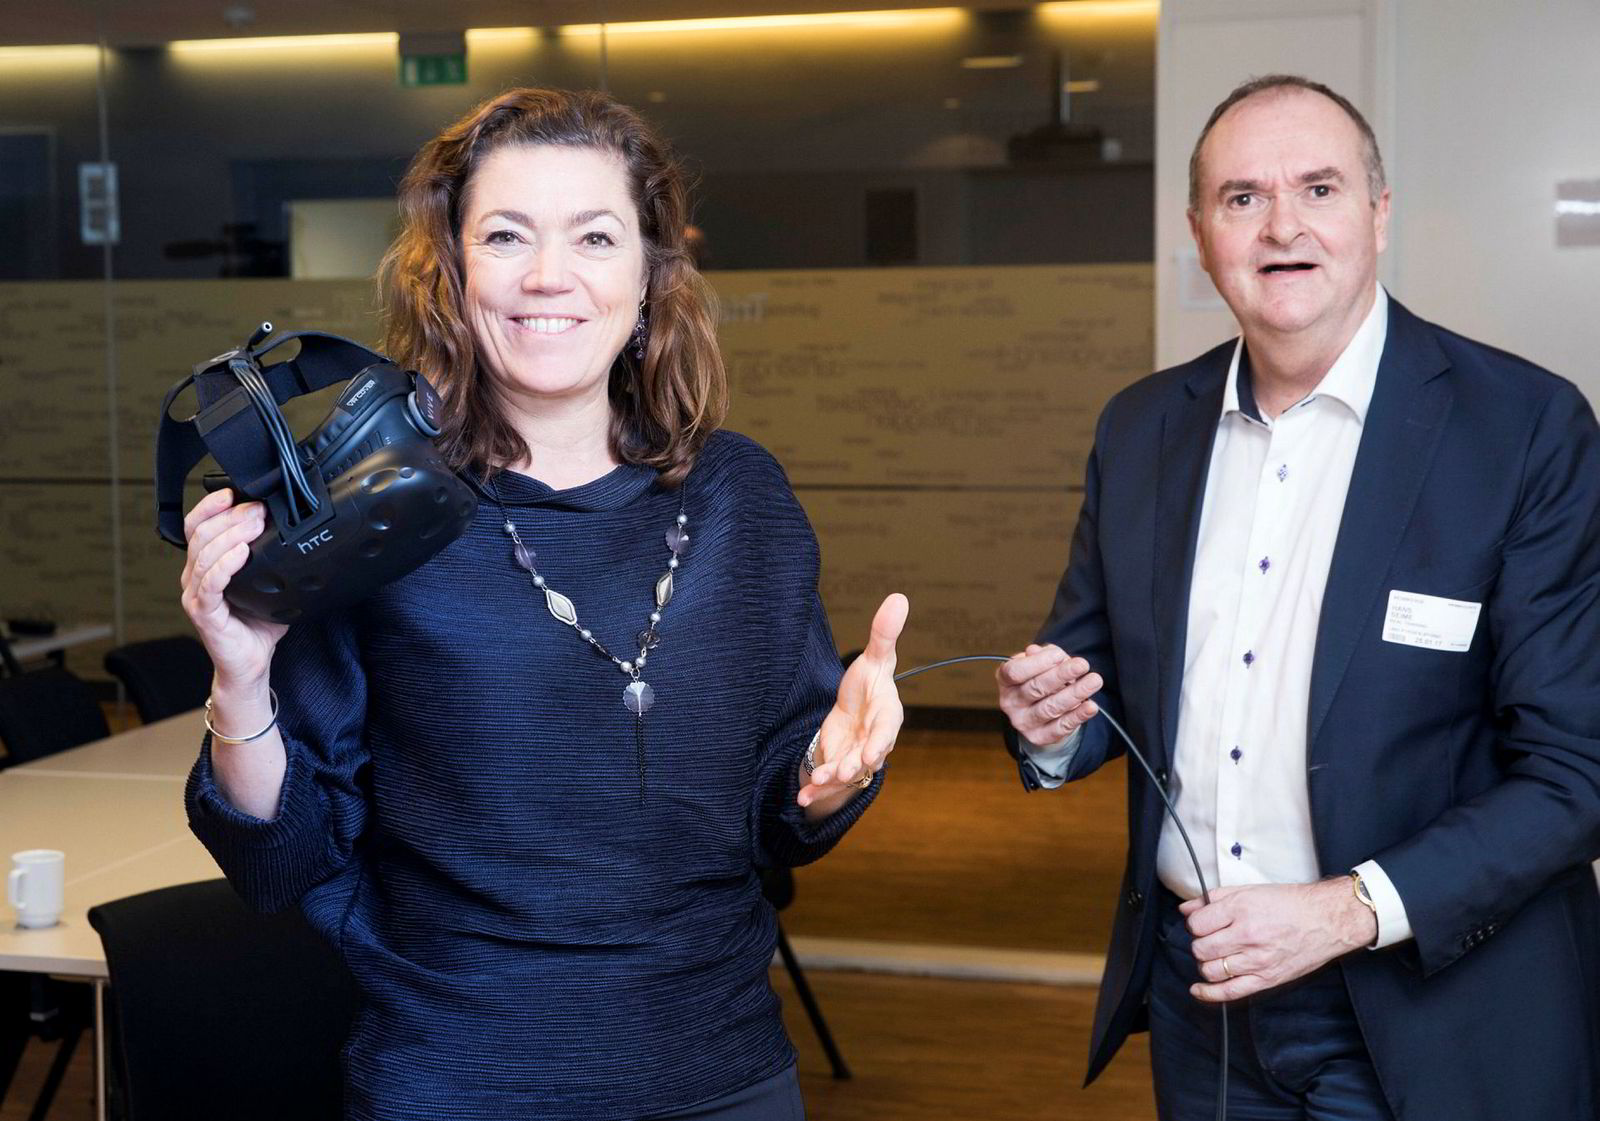 NHO-direktør Kristin Skogen Lund med vr-brillene som sendte henne inn i et brennende hotellrom. Til høyre medeier i Real Training, Hans Seime.